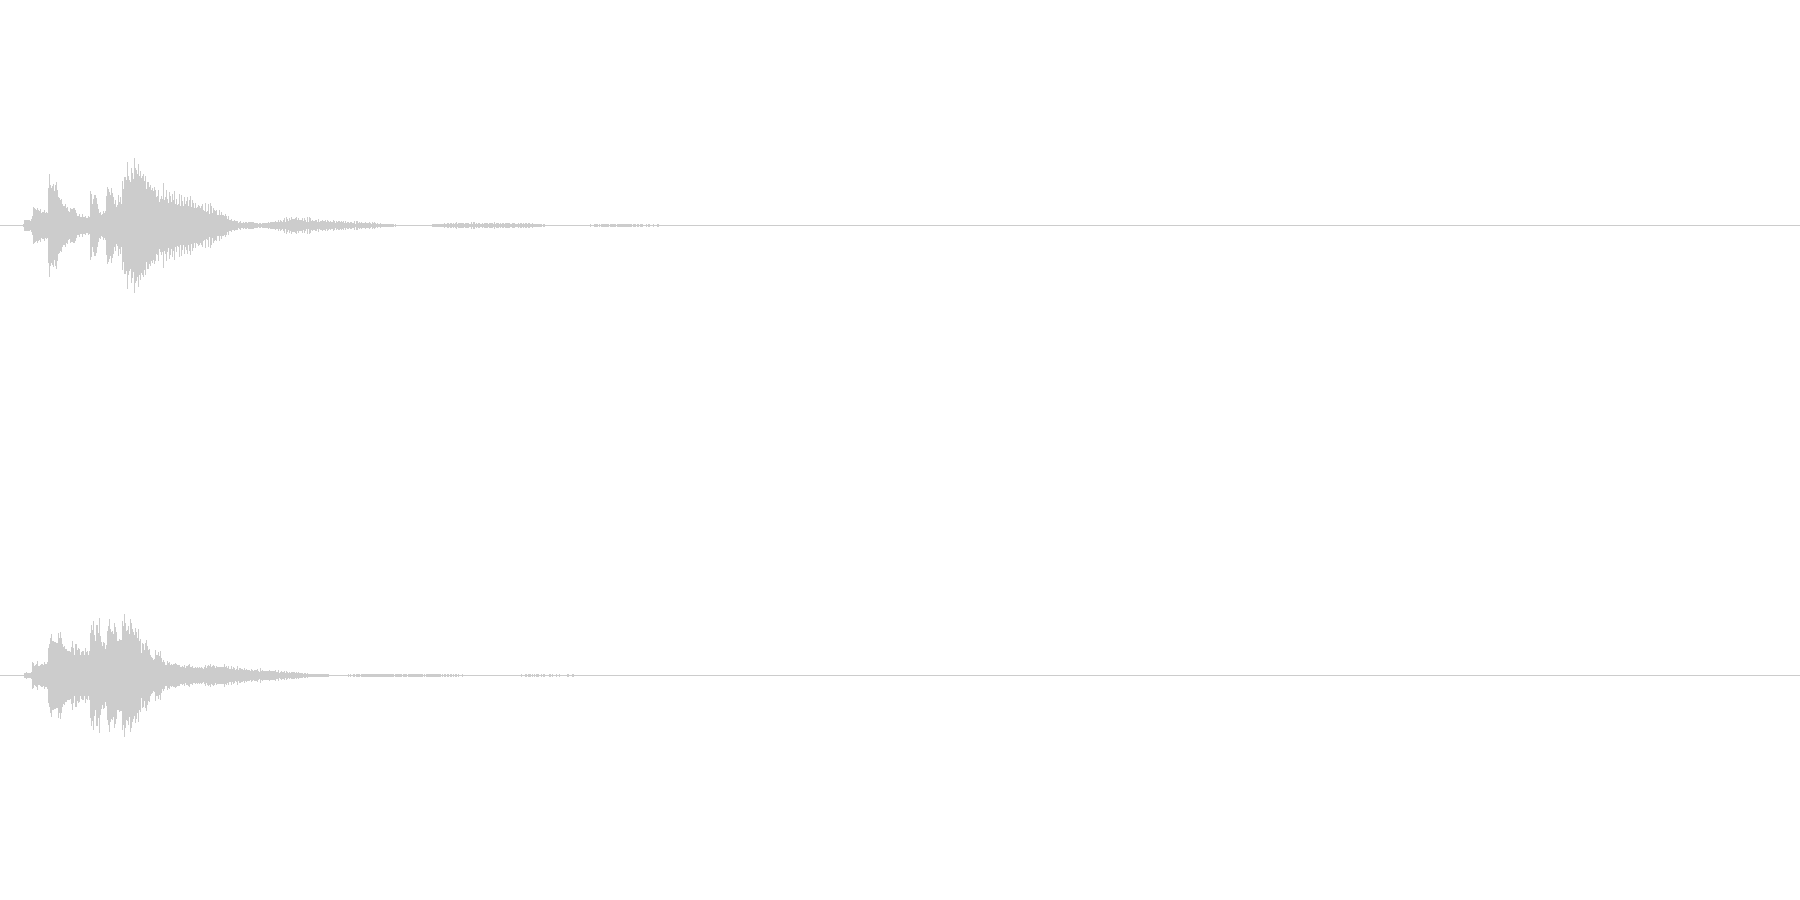 キラキラ系_022の未再生の波形